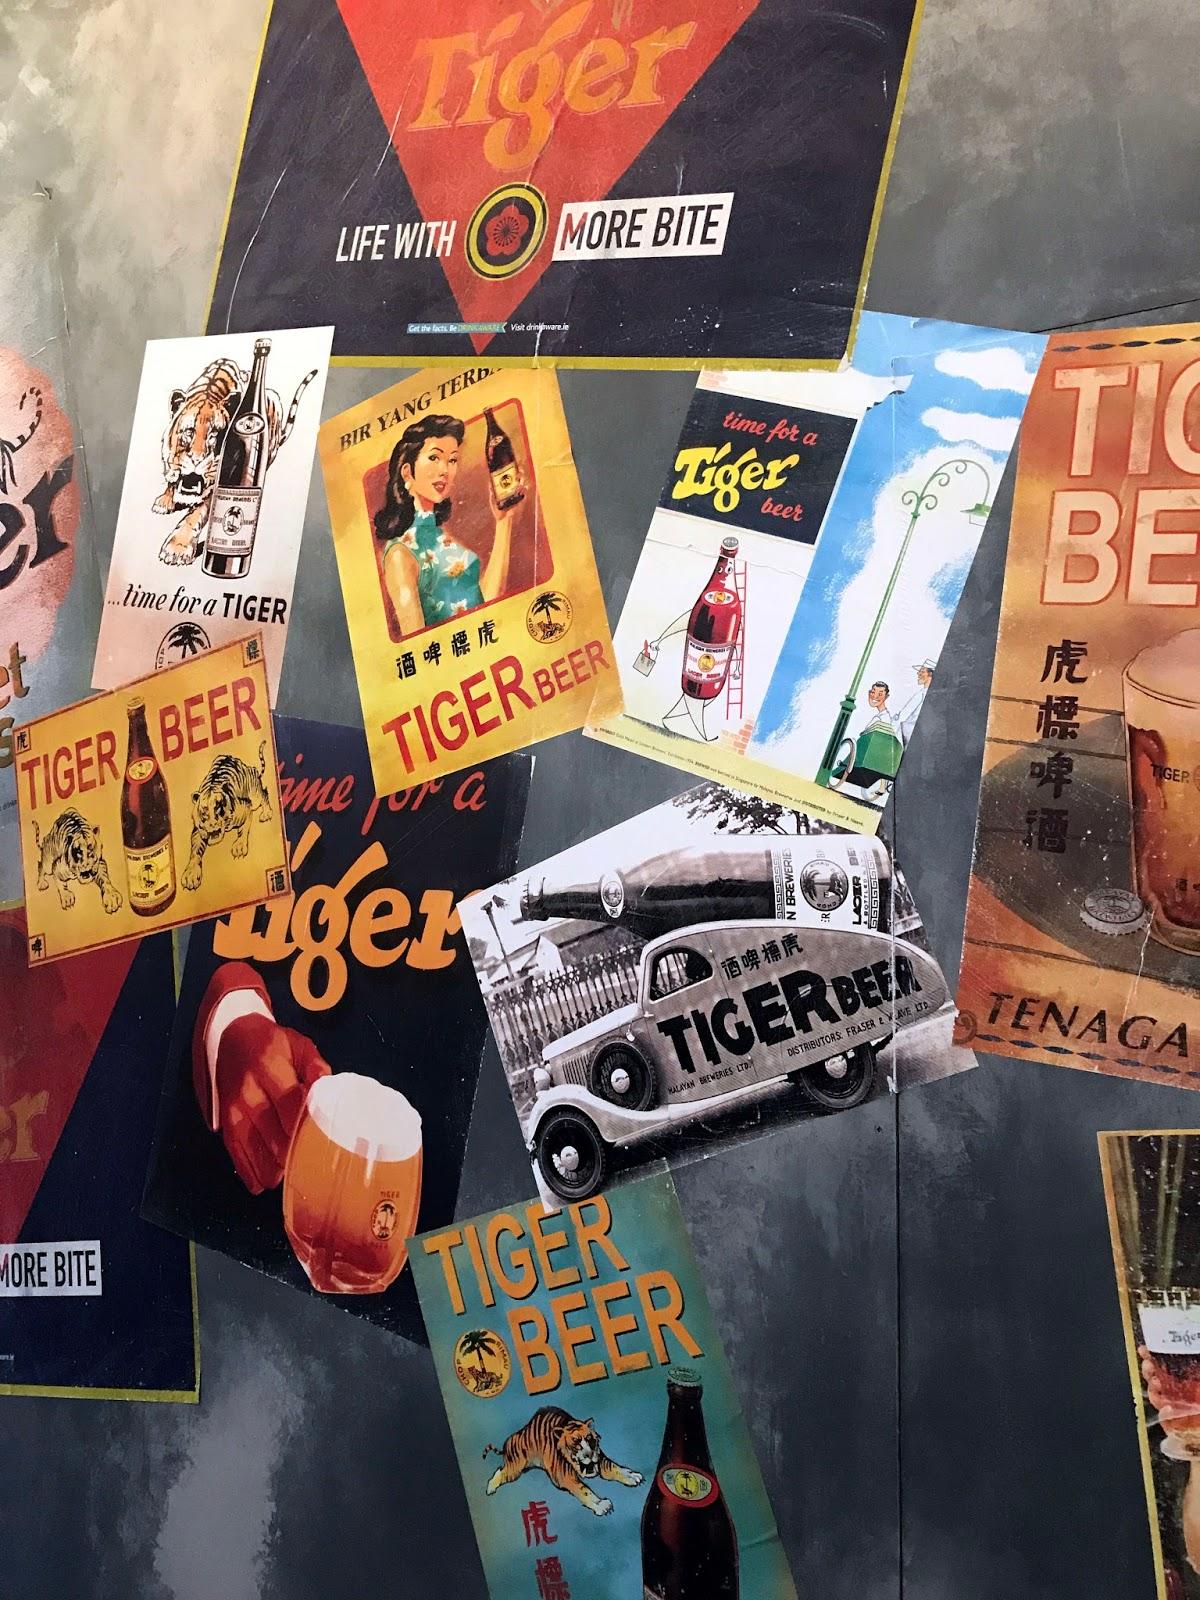 Stitch & Bear - Tiger Street Eats - Wall art